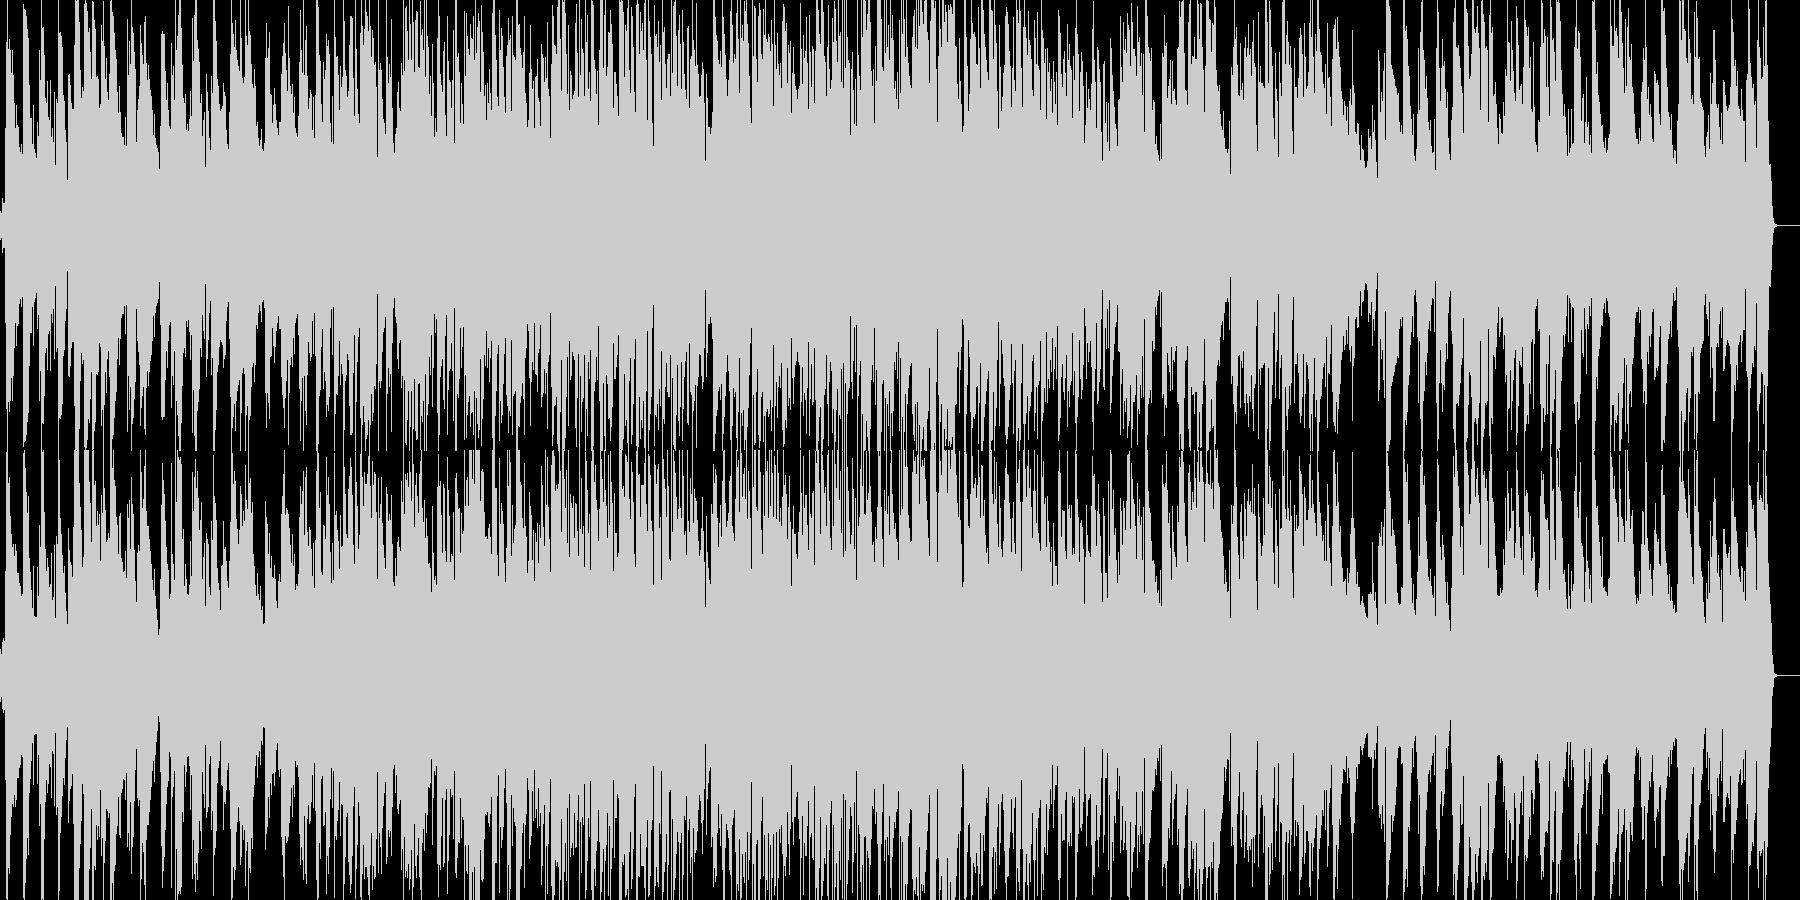 ベートーベンのジャズピアノの未再生の波形